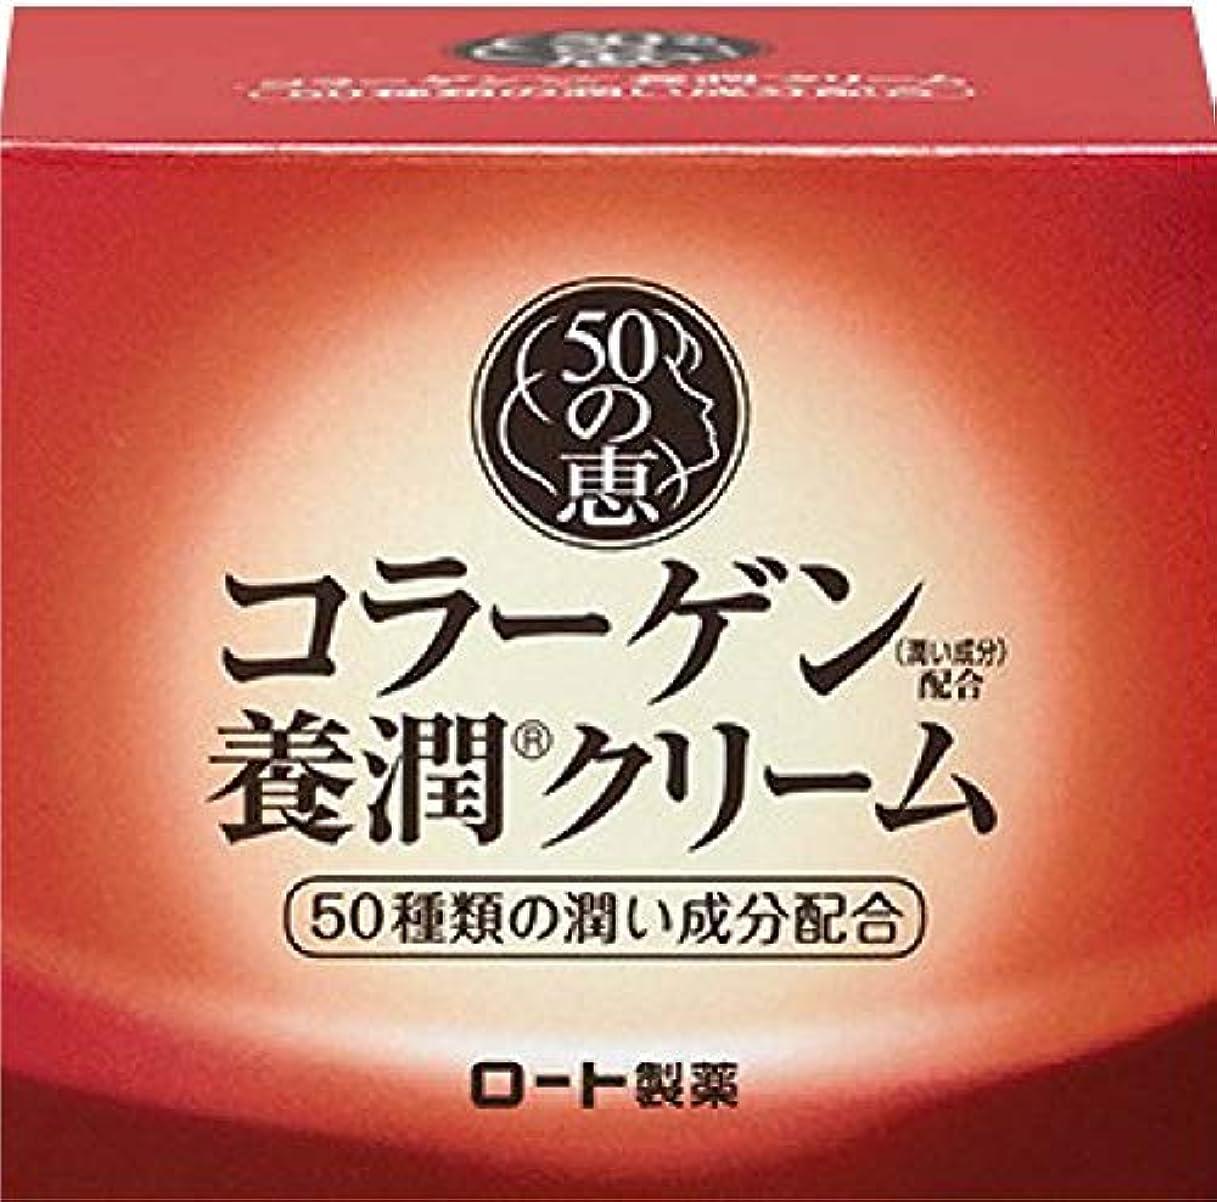 入射やむを得ないコンセンサスロート製薬 50の恵エイジングケア 養潤成分50種類配合 クリーム 90g